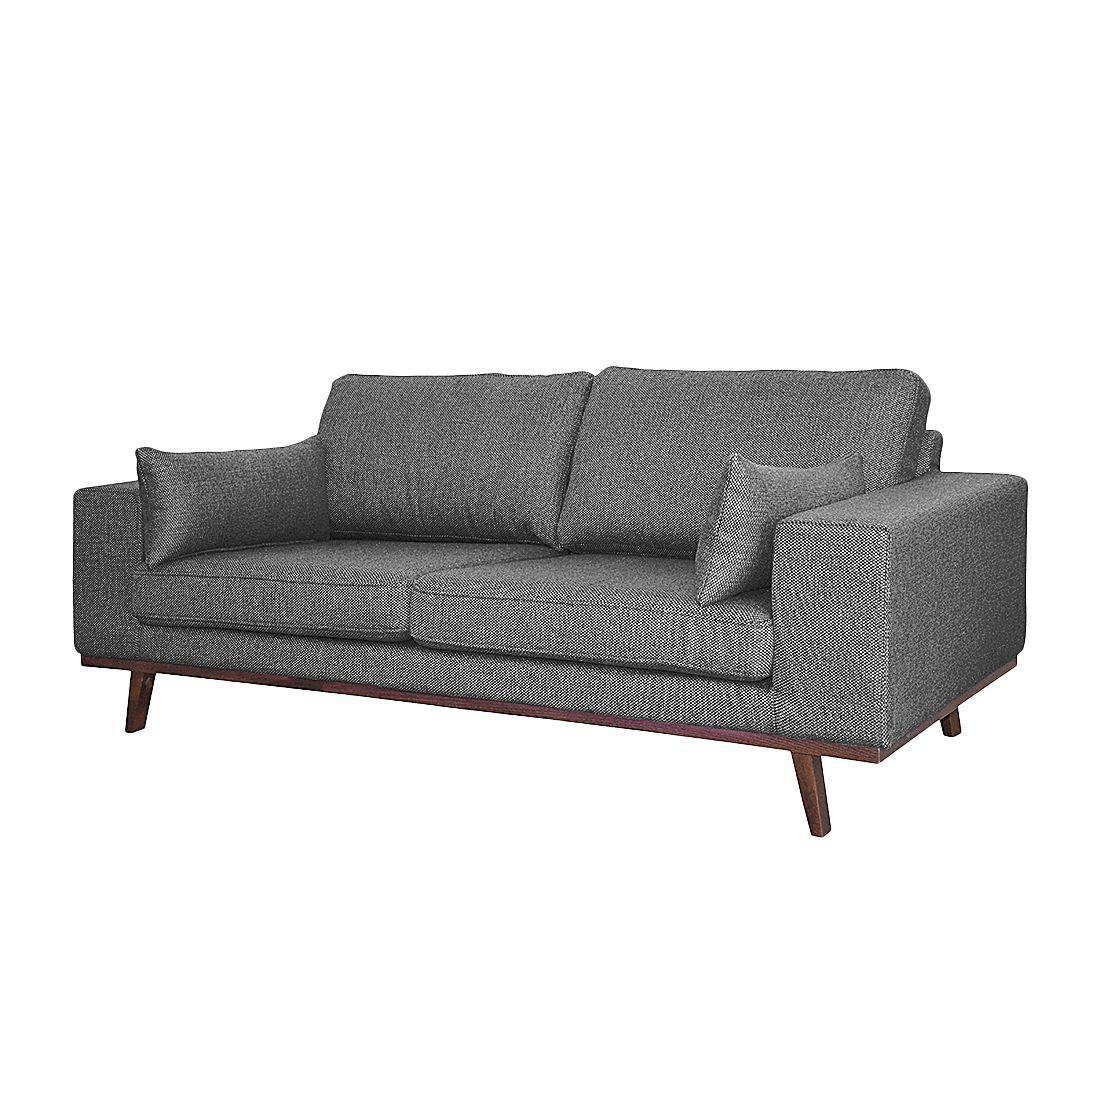 Sofa Billund I 2 Sitzer Strukturstoff Grau Morteens Jetzt Bestellen Unter Https Moebel Ladendirekt De Wohnzimmer Sofas 2 Und 3 Sitzer Sofas Uid A8 Sofas